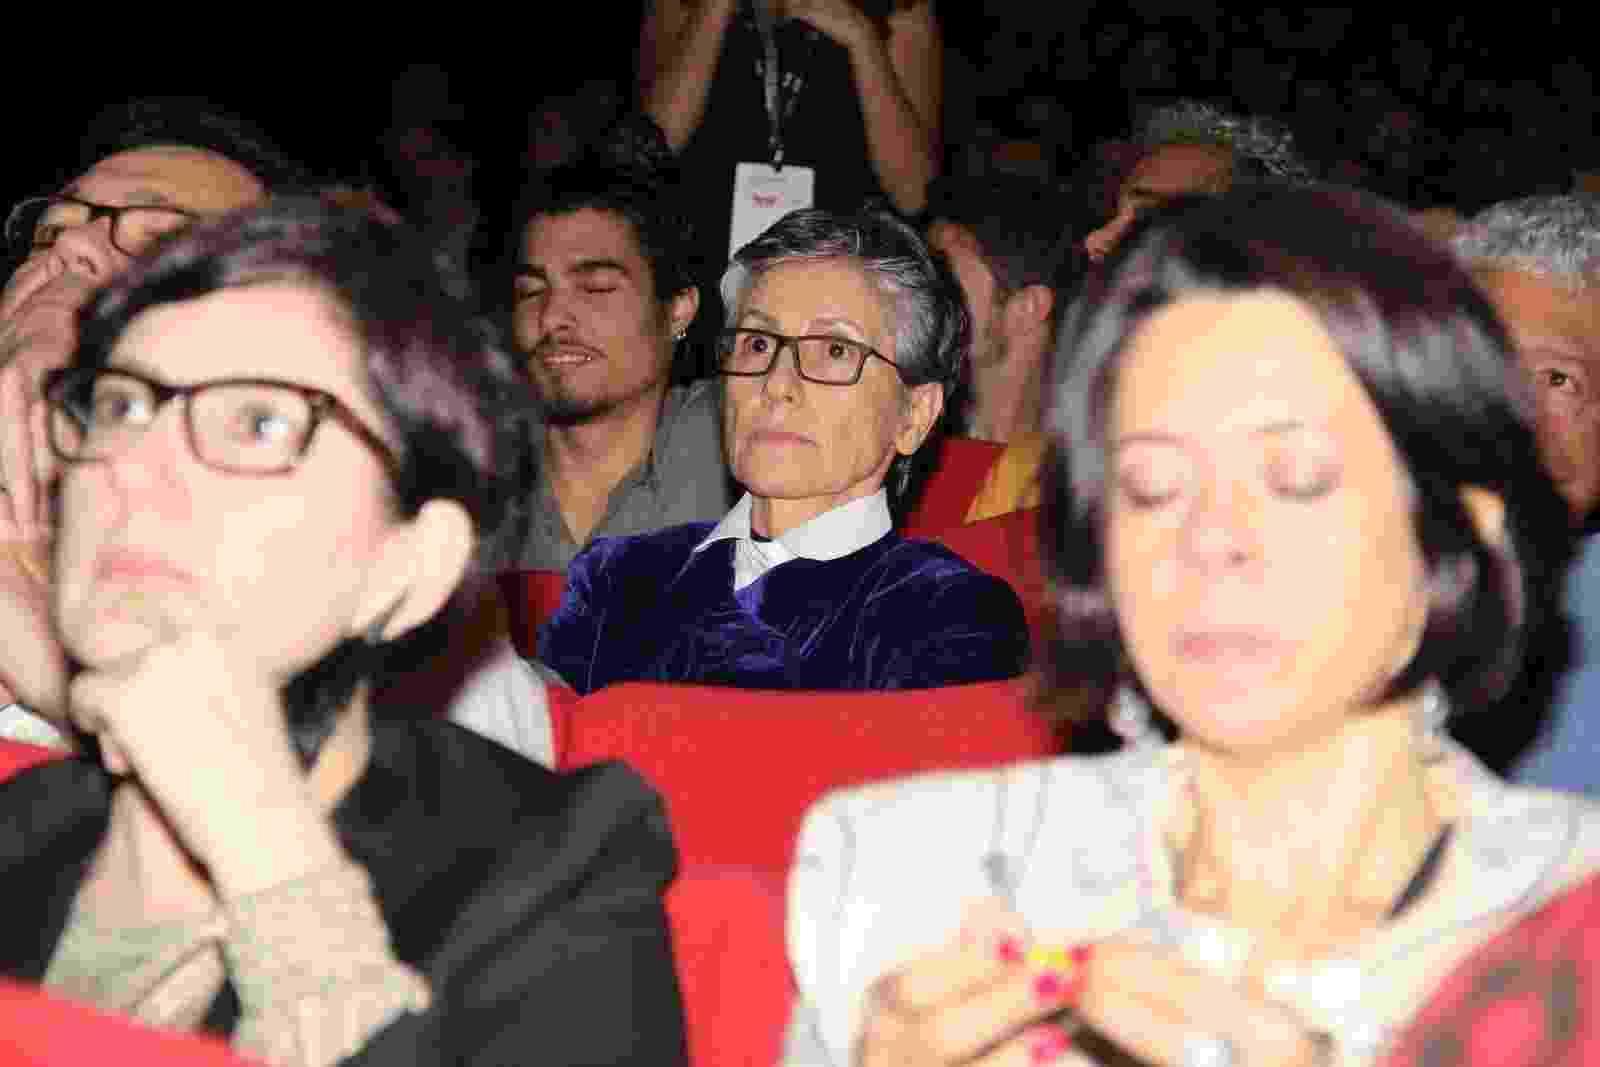 6.out.2016 - A atriz Cássia Kis na abertura do Festival de Cinema do Rio, na Cidade das Artes, na Barra da Tijuca - Agnews